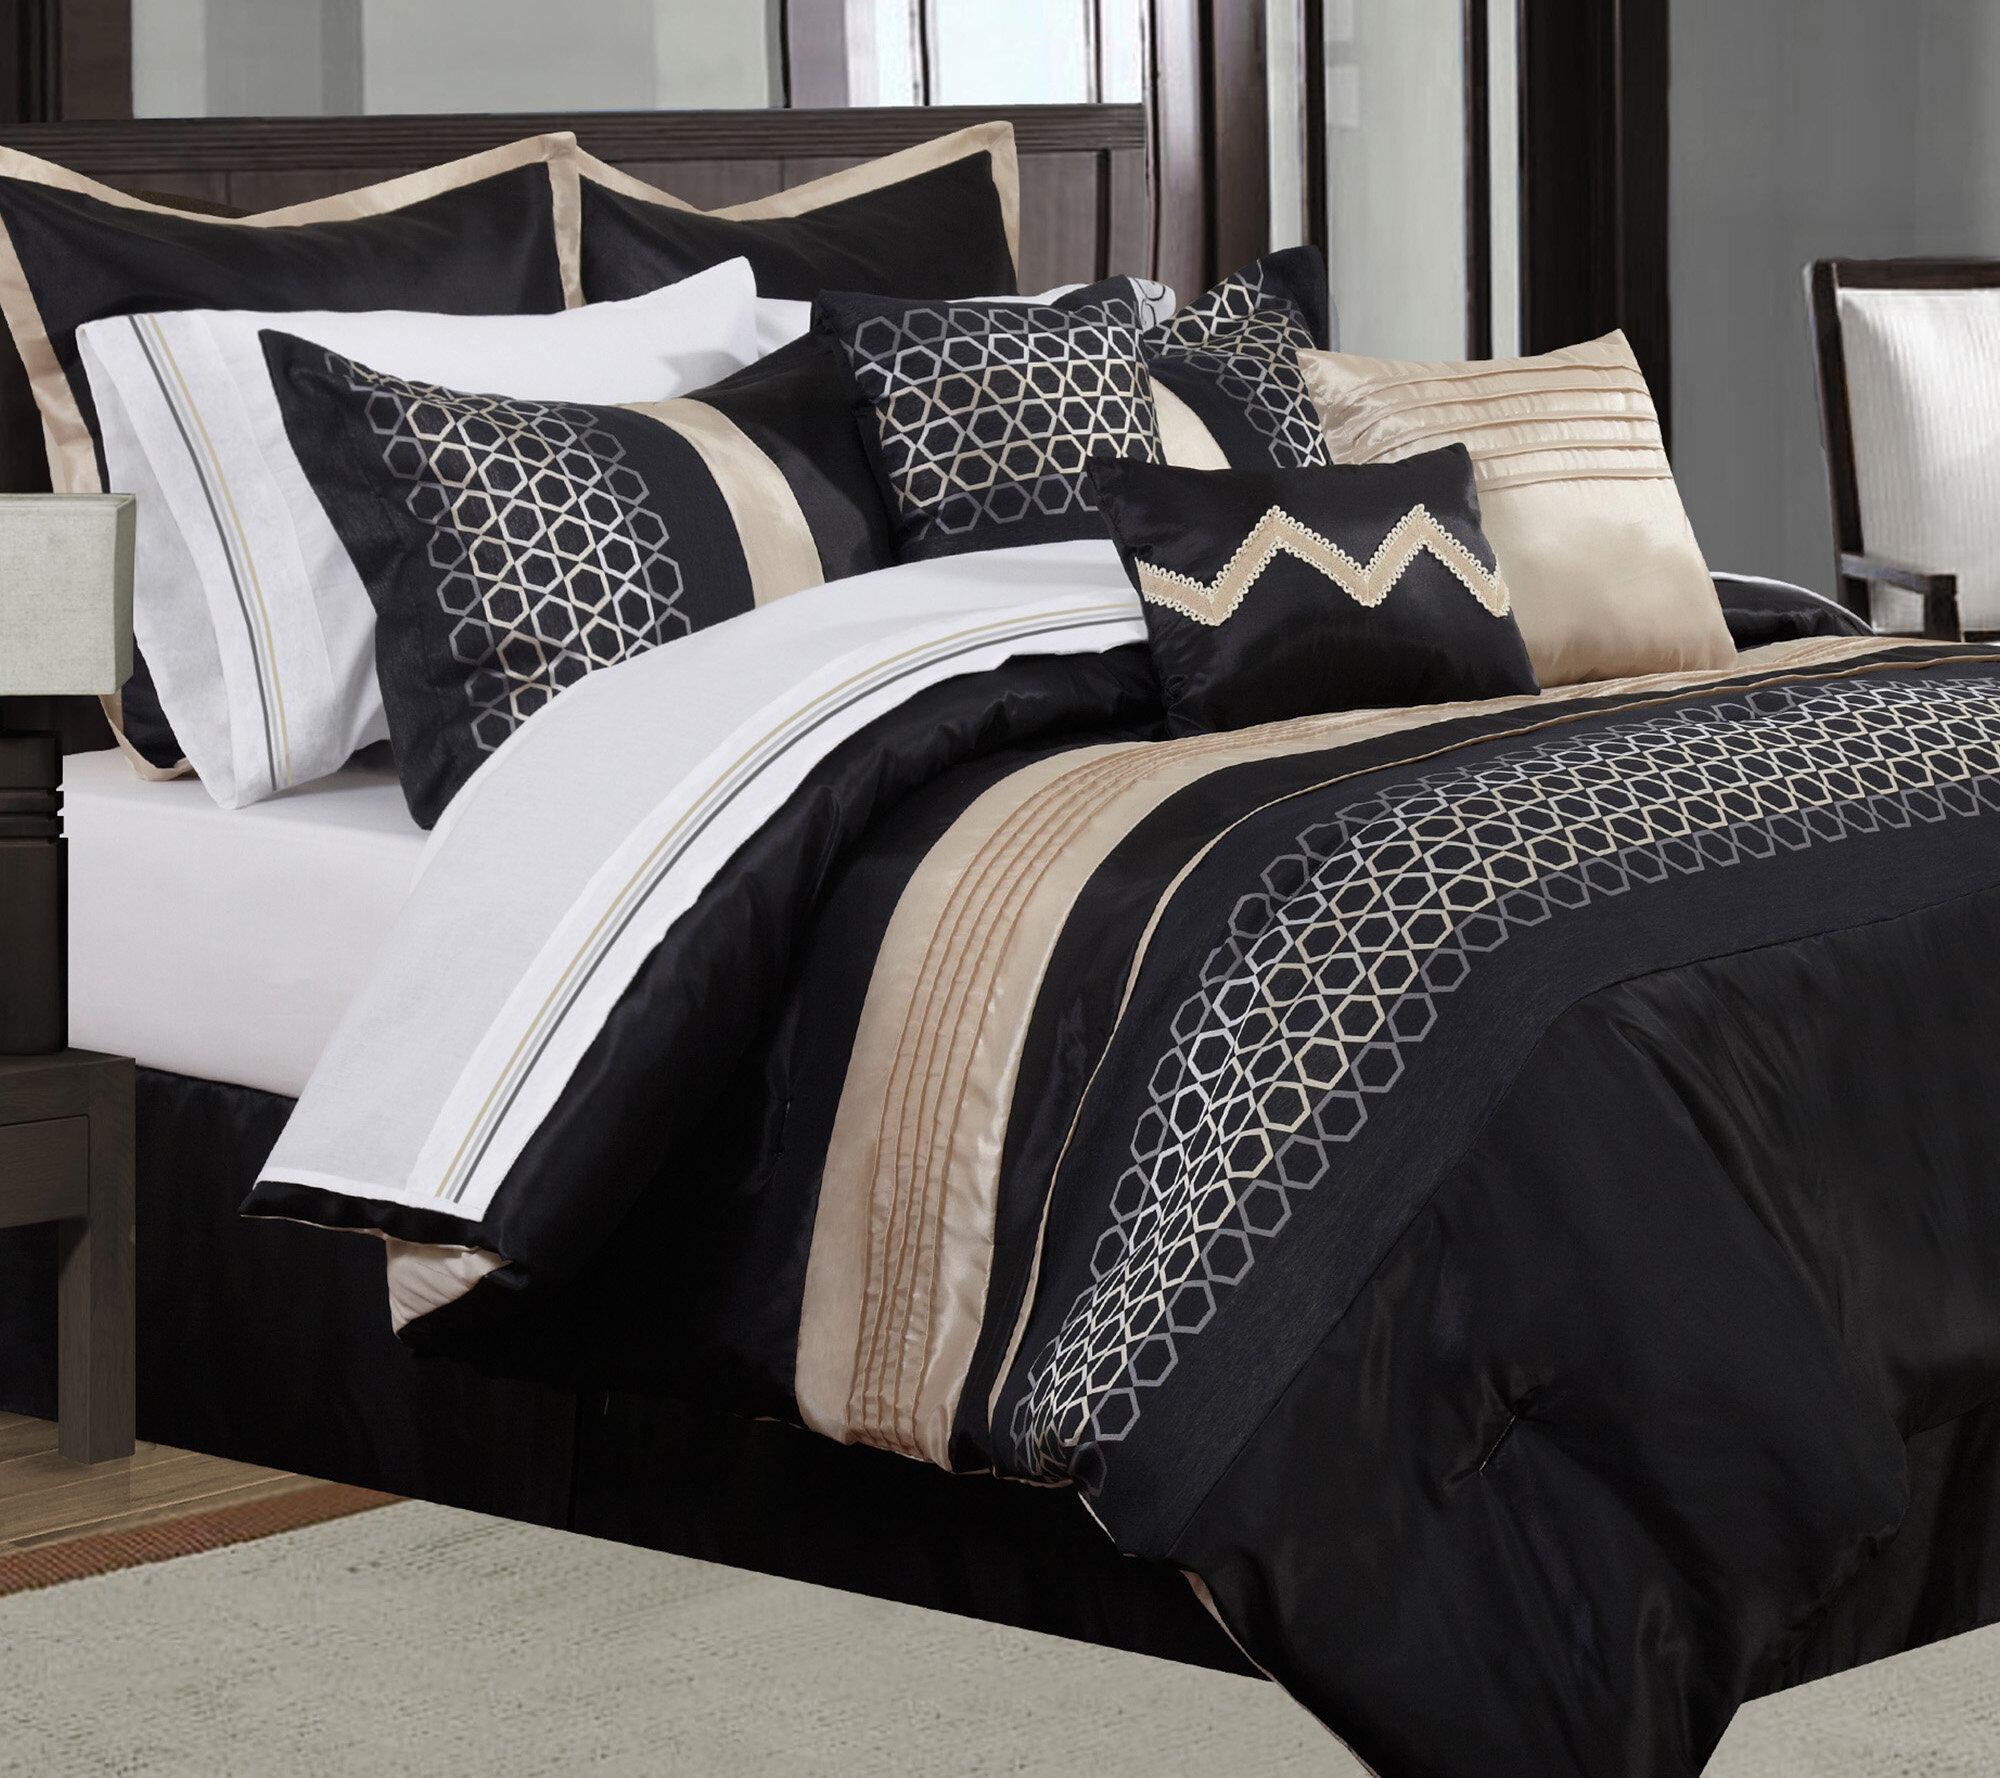 Mercer41 Dandridge 7 Piece Comforter Set Reviews Wayfair